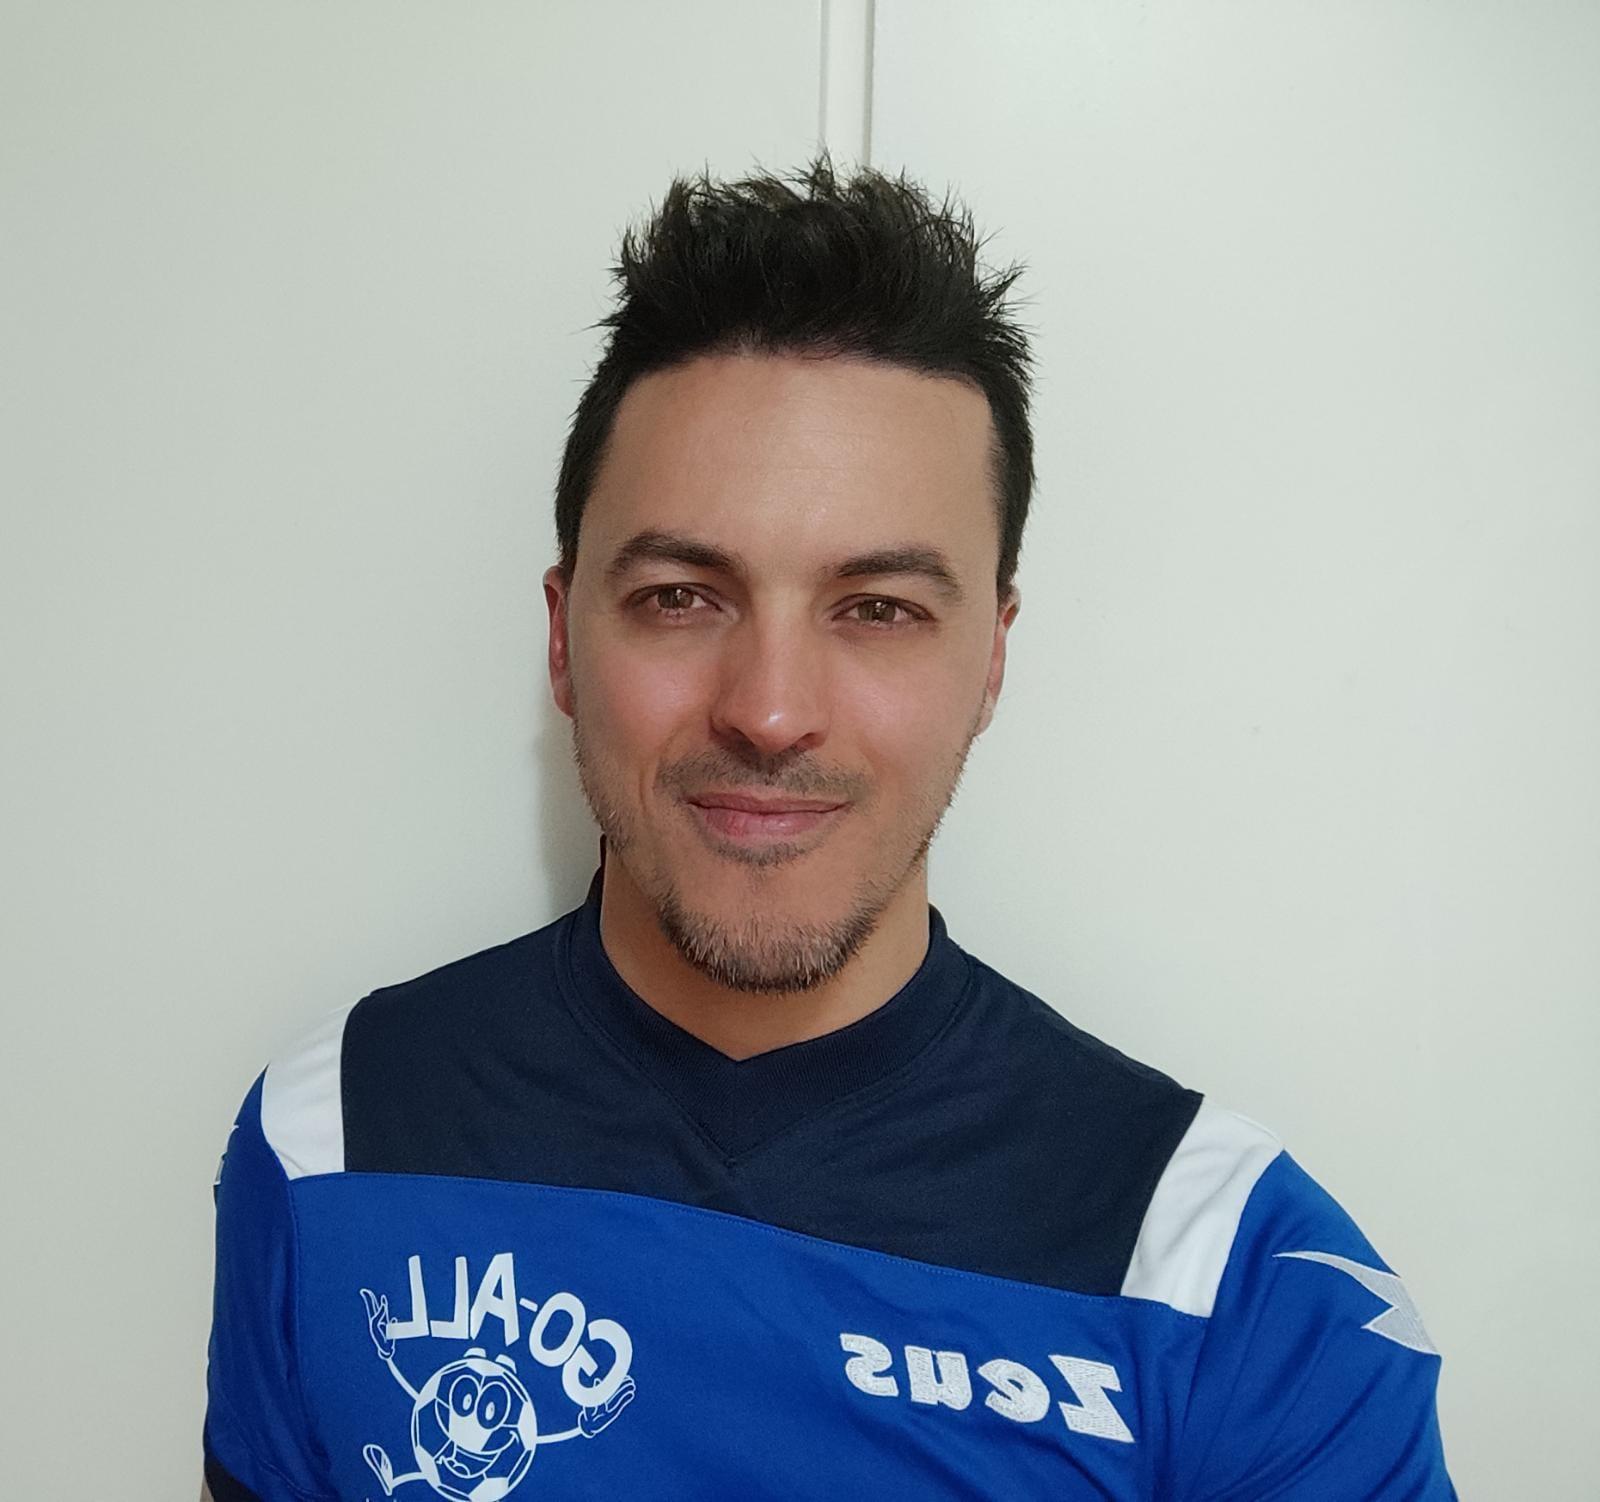 Alberto Segatto